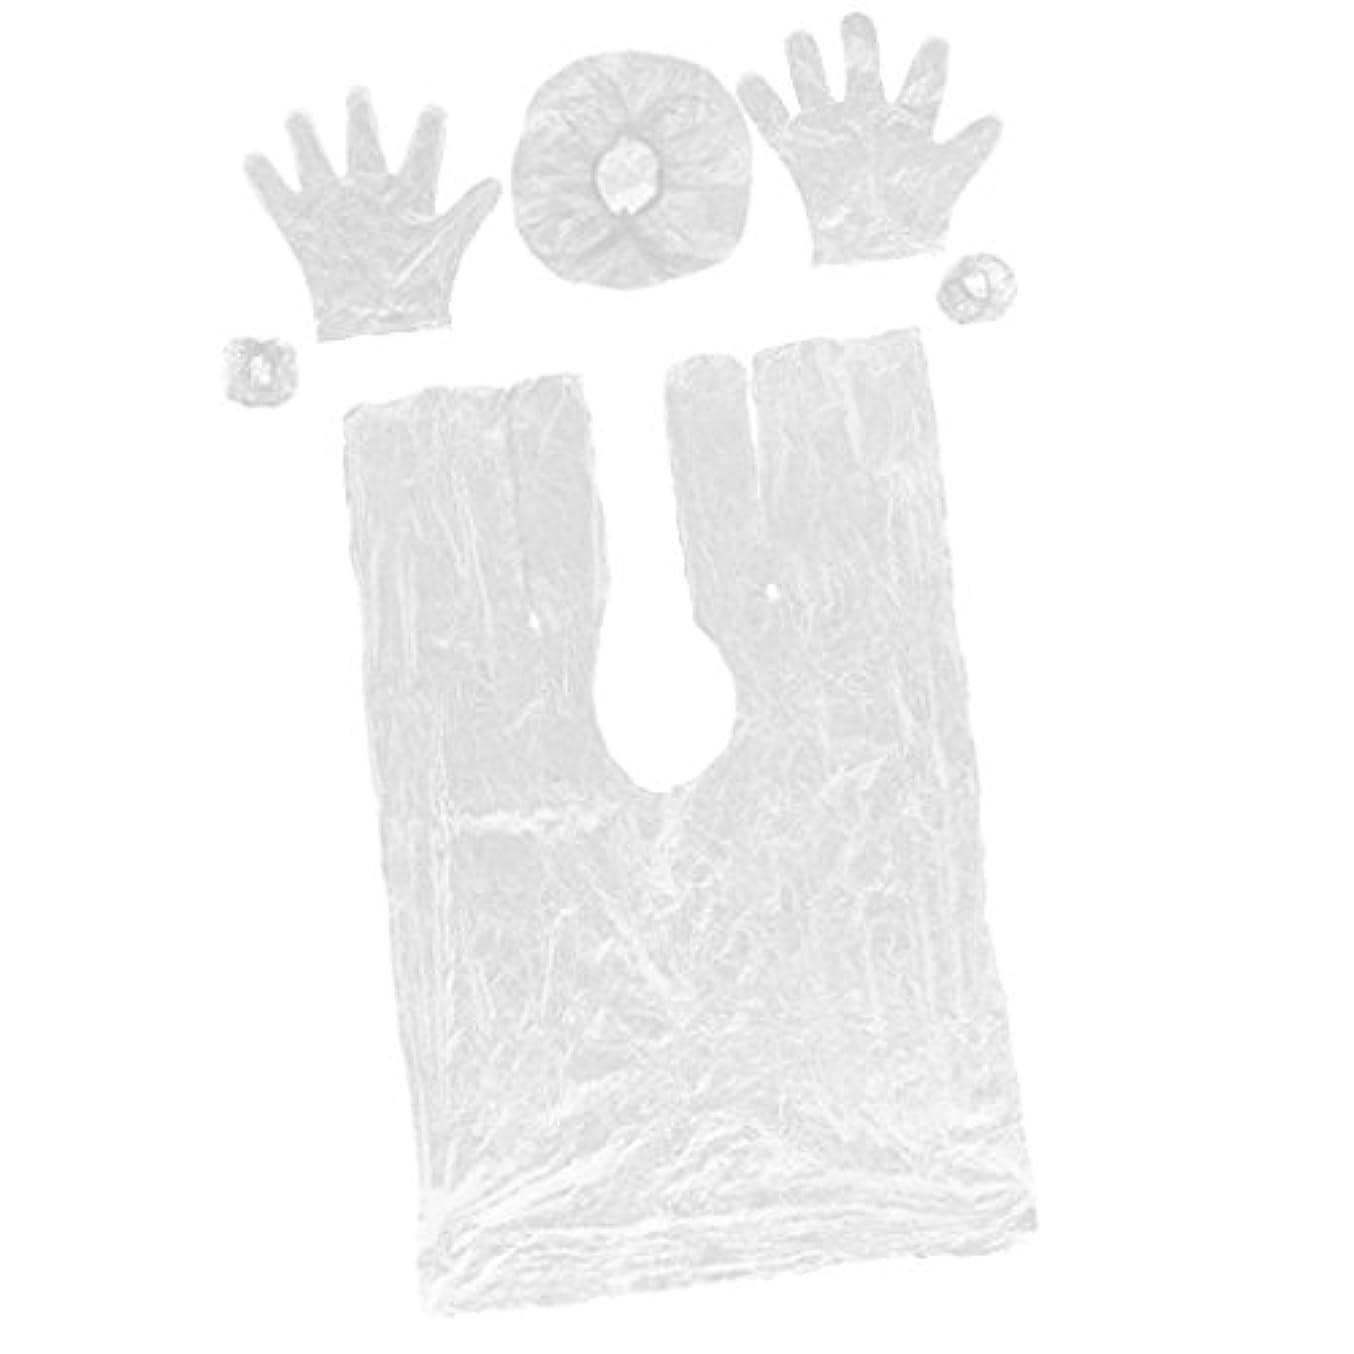 クレア虫高音使い捨て ヘアケア サロン プロ 自宅用 弾性キャップ サロンケープ 手袋 耳栓 プラスチック製